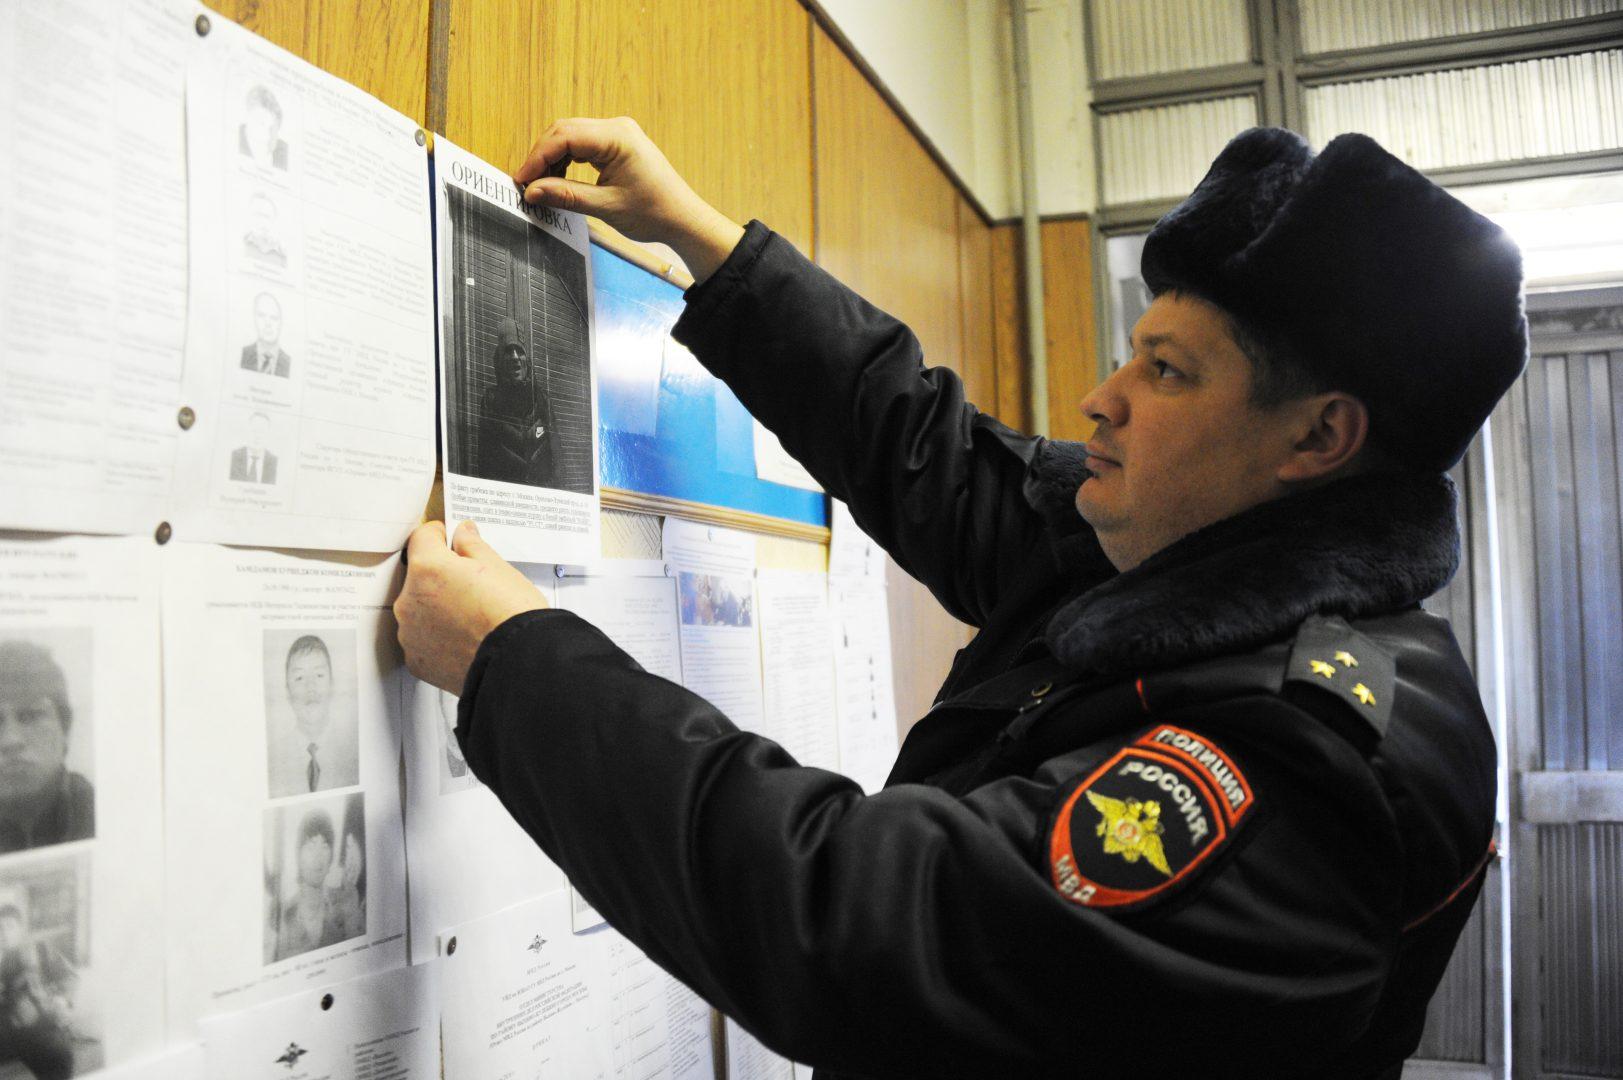 На территории Новой Москвы полицейские задержали подозреваемого в грабеже у пенсионерки. Фото: Светлана Колоскова, «Вечерняя Москва»